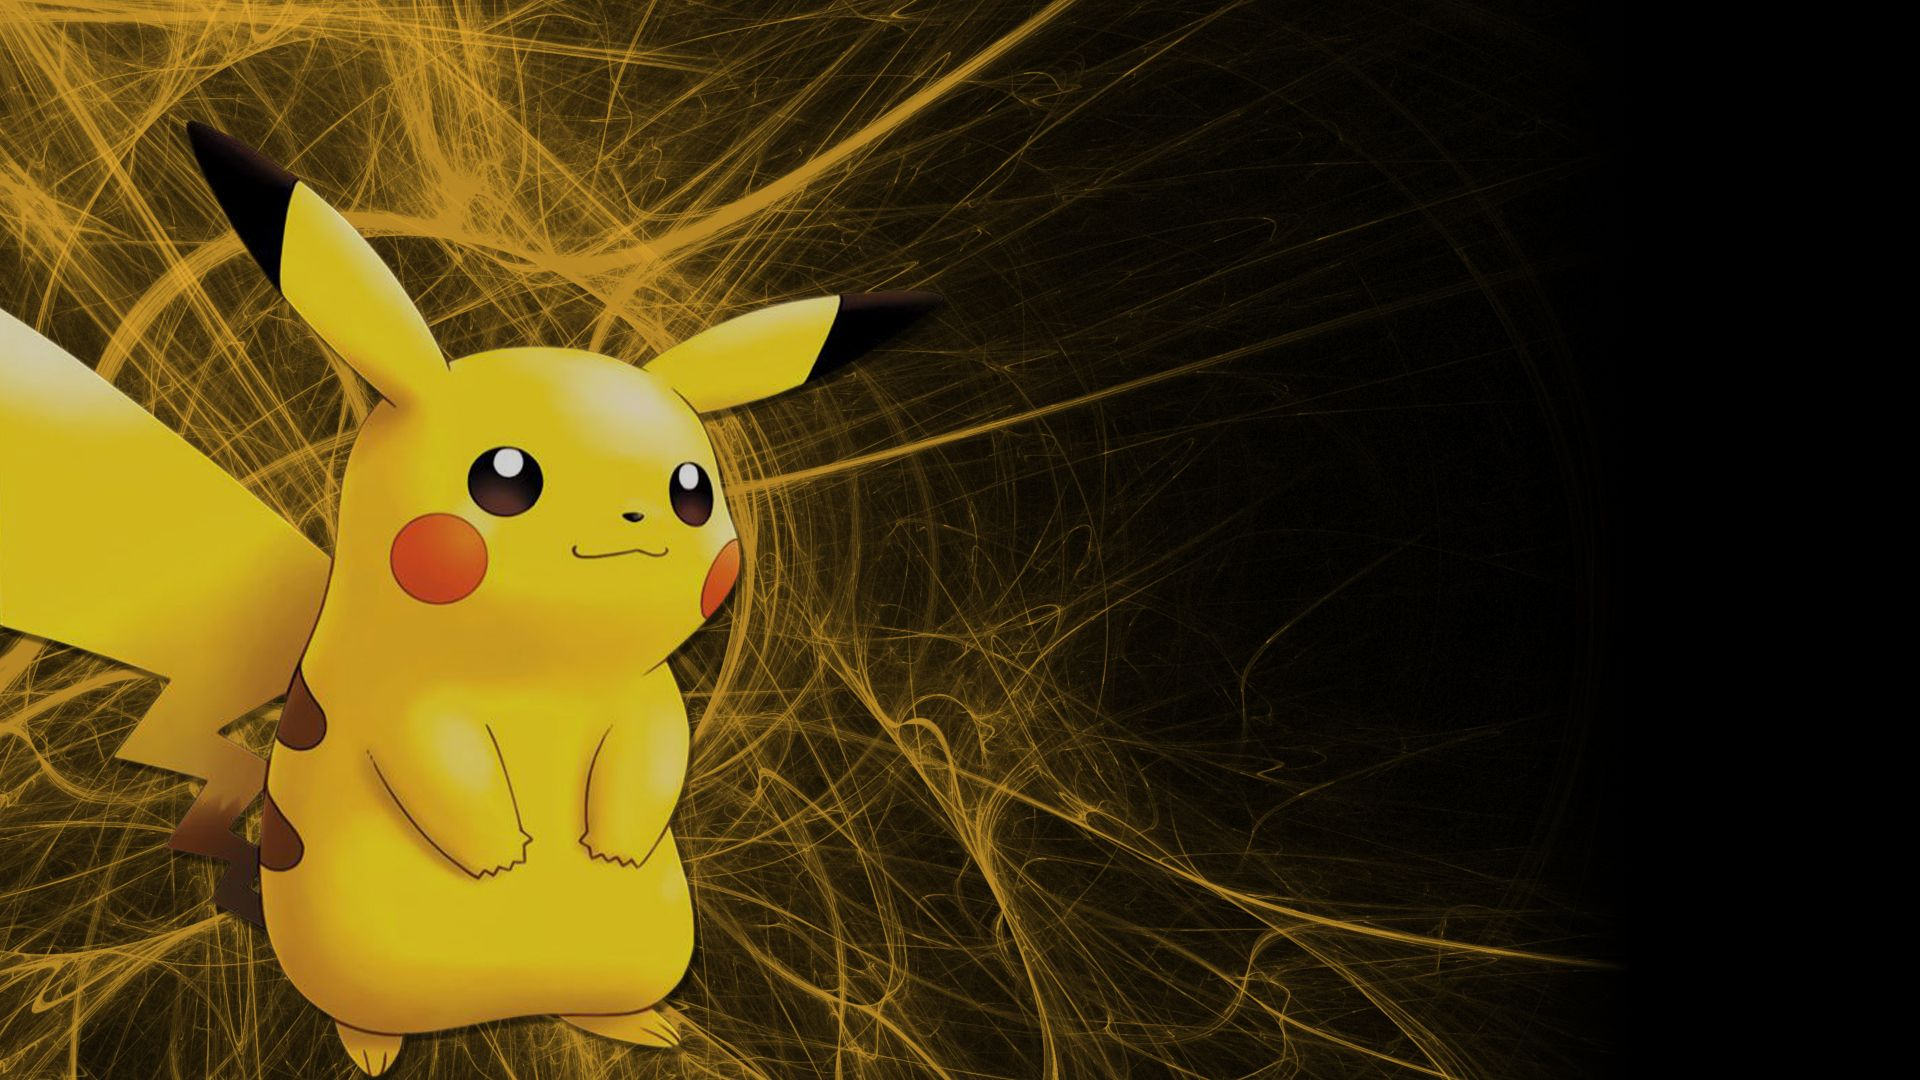 Pokemon Pikachu Wallpapers Wallpaper